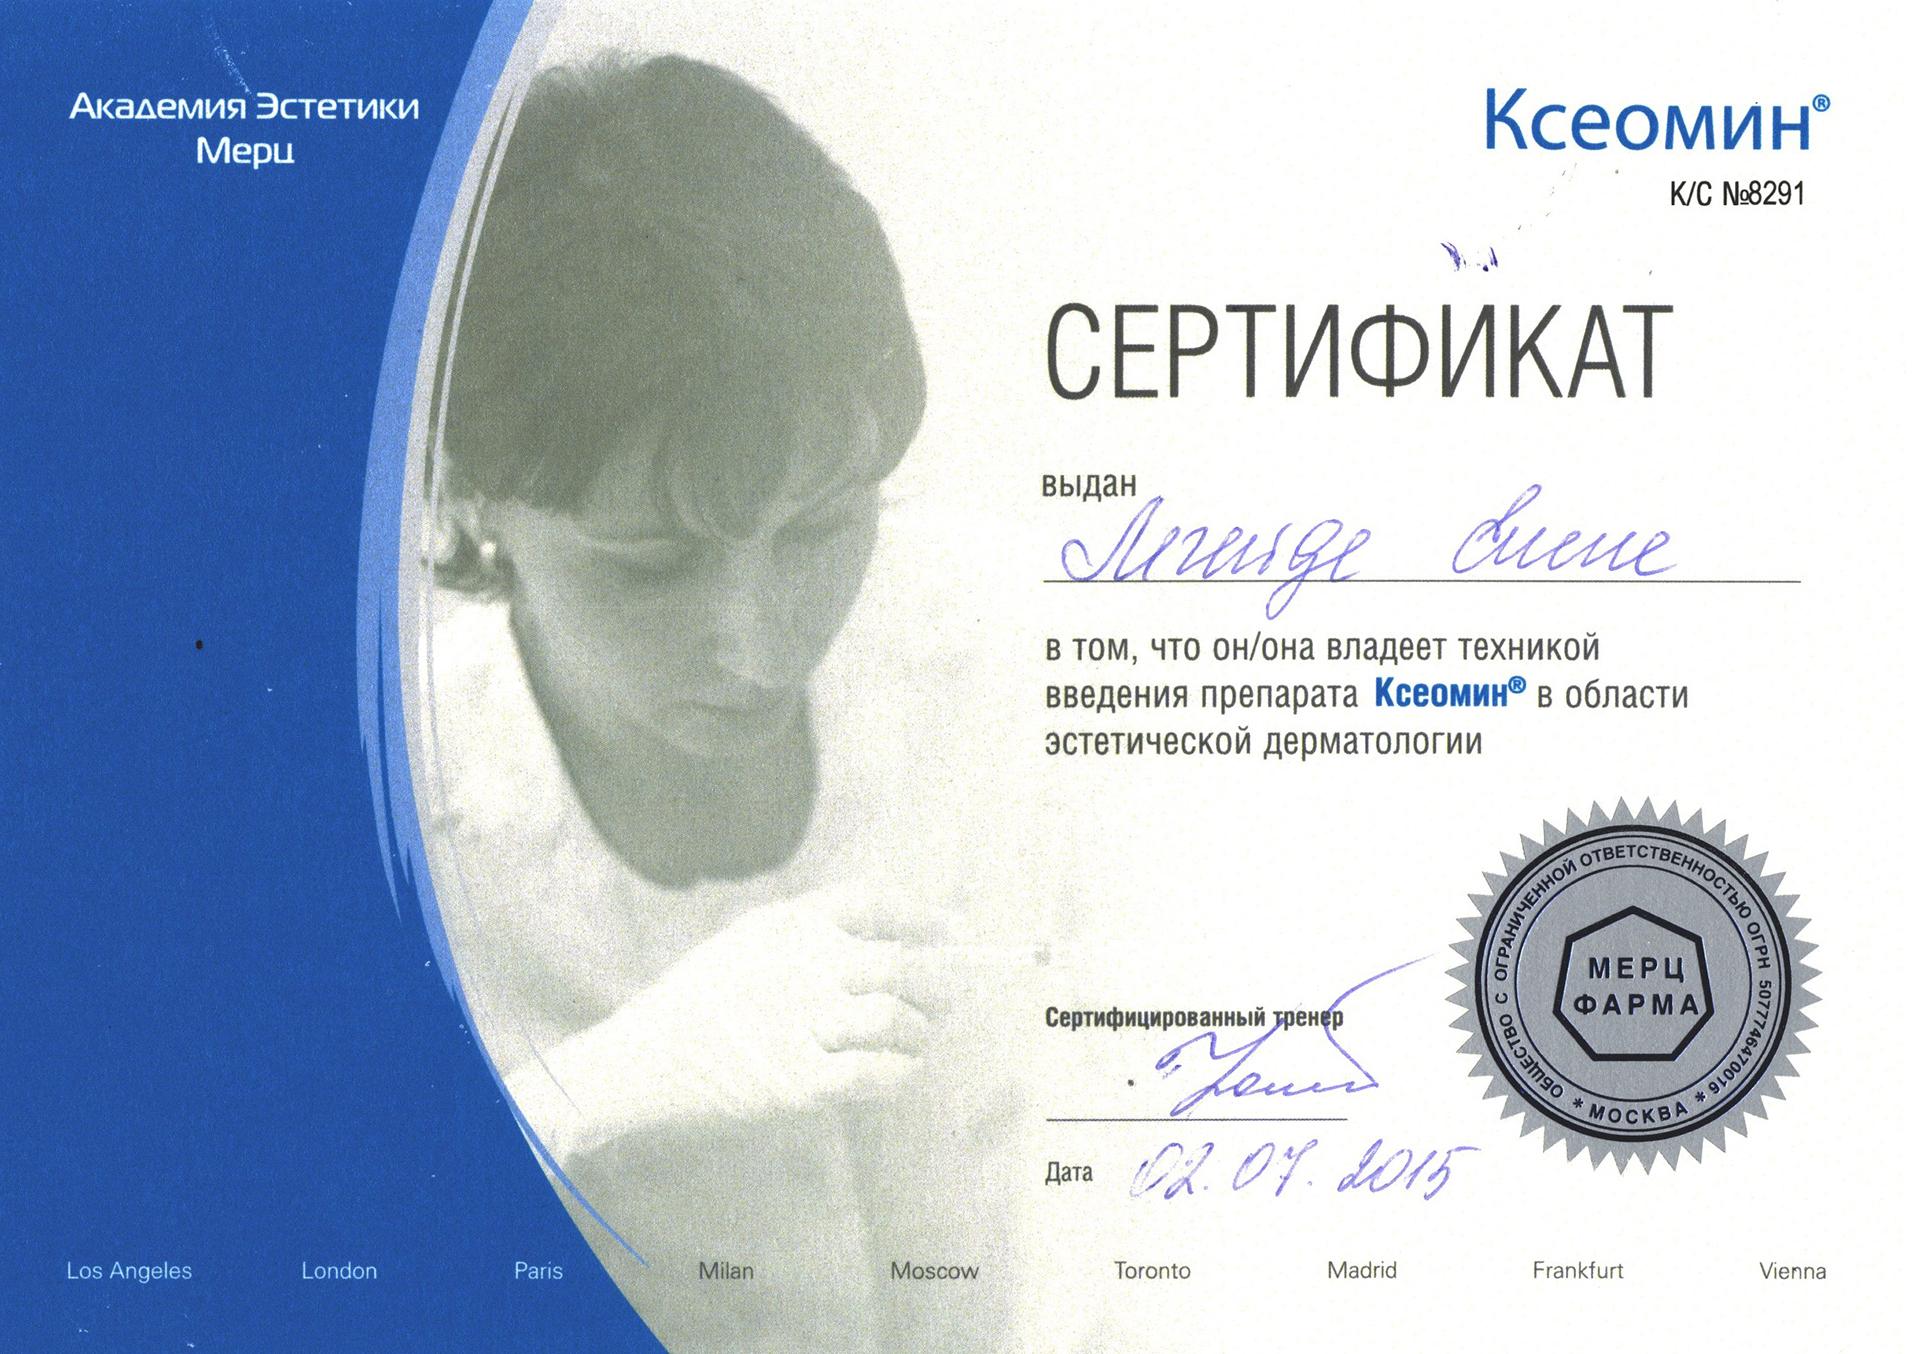 Сертификат — Техника введения препарата Ксеомин. Легейда Елена Валерьевна